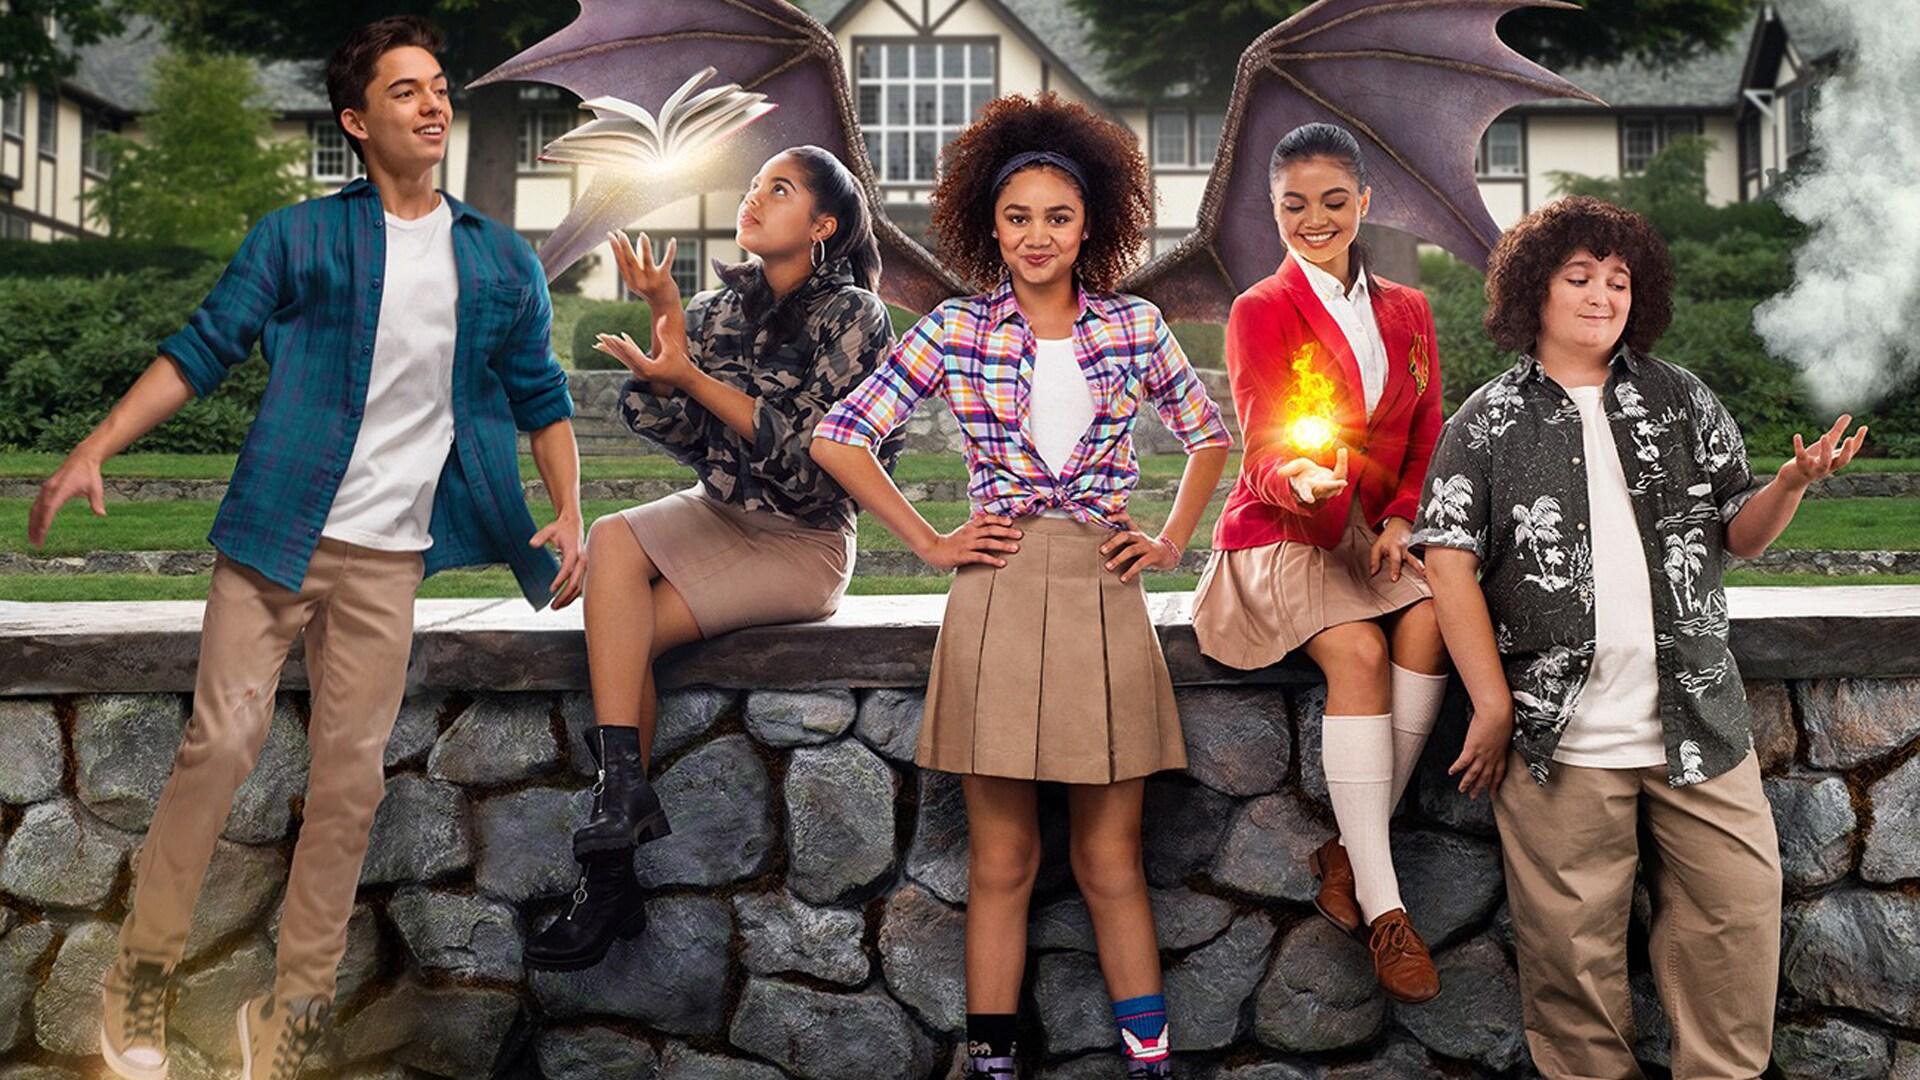 Alerta para los fanáticos de las películas mágicas: Upside-Down Magic - Escuela de Magia es la nueva producción de Disney Channel